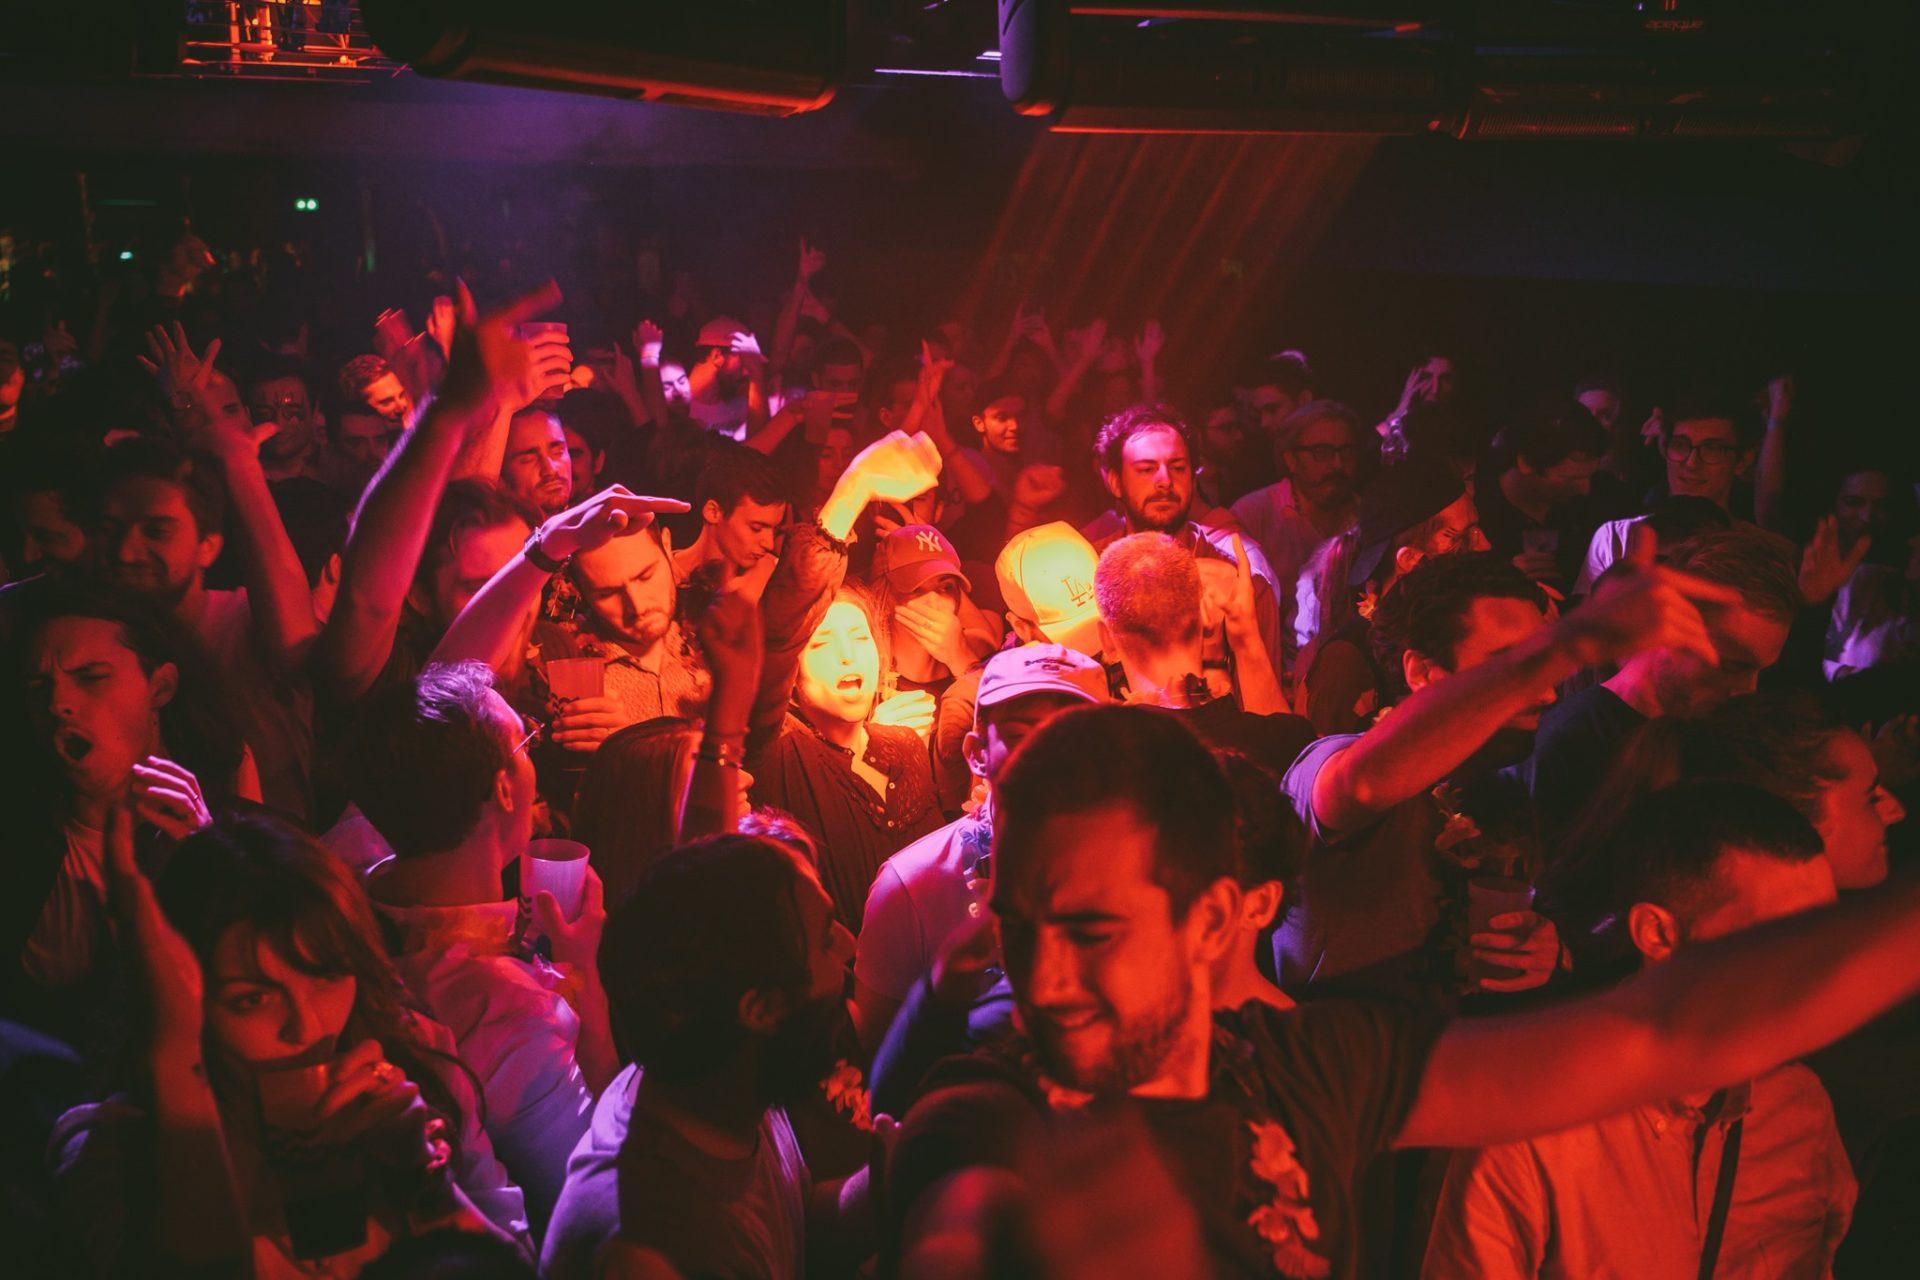 Foule dansant au sacré paris sous une lumière rouge